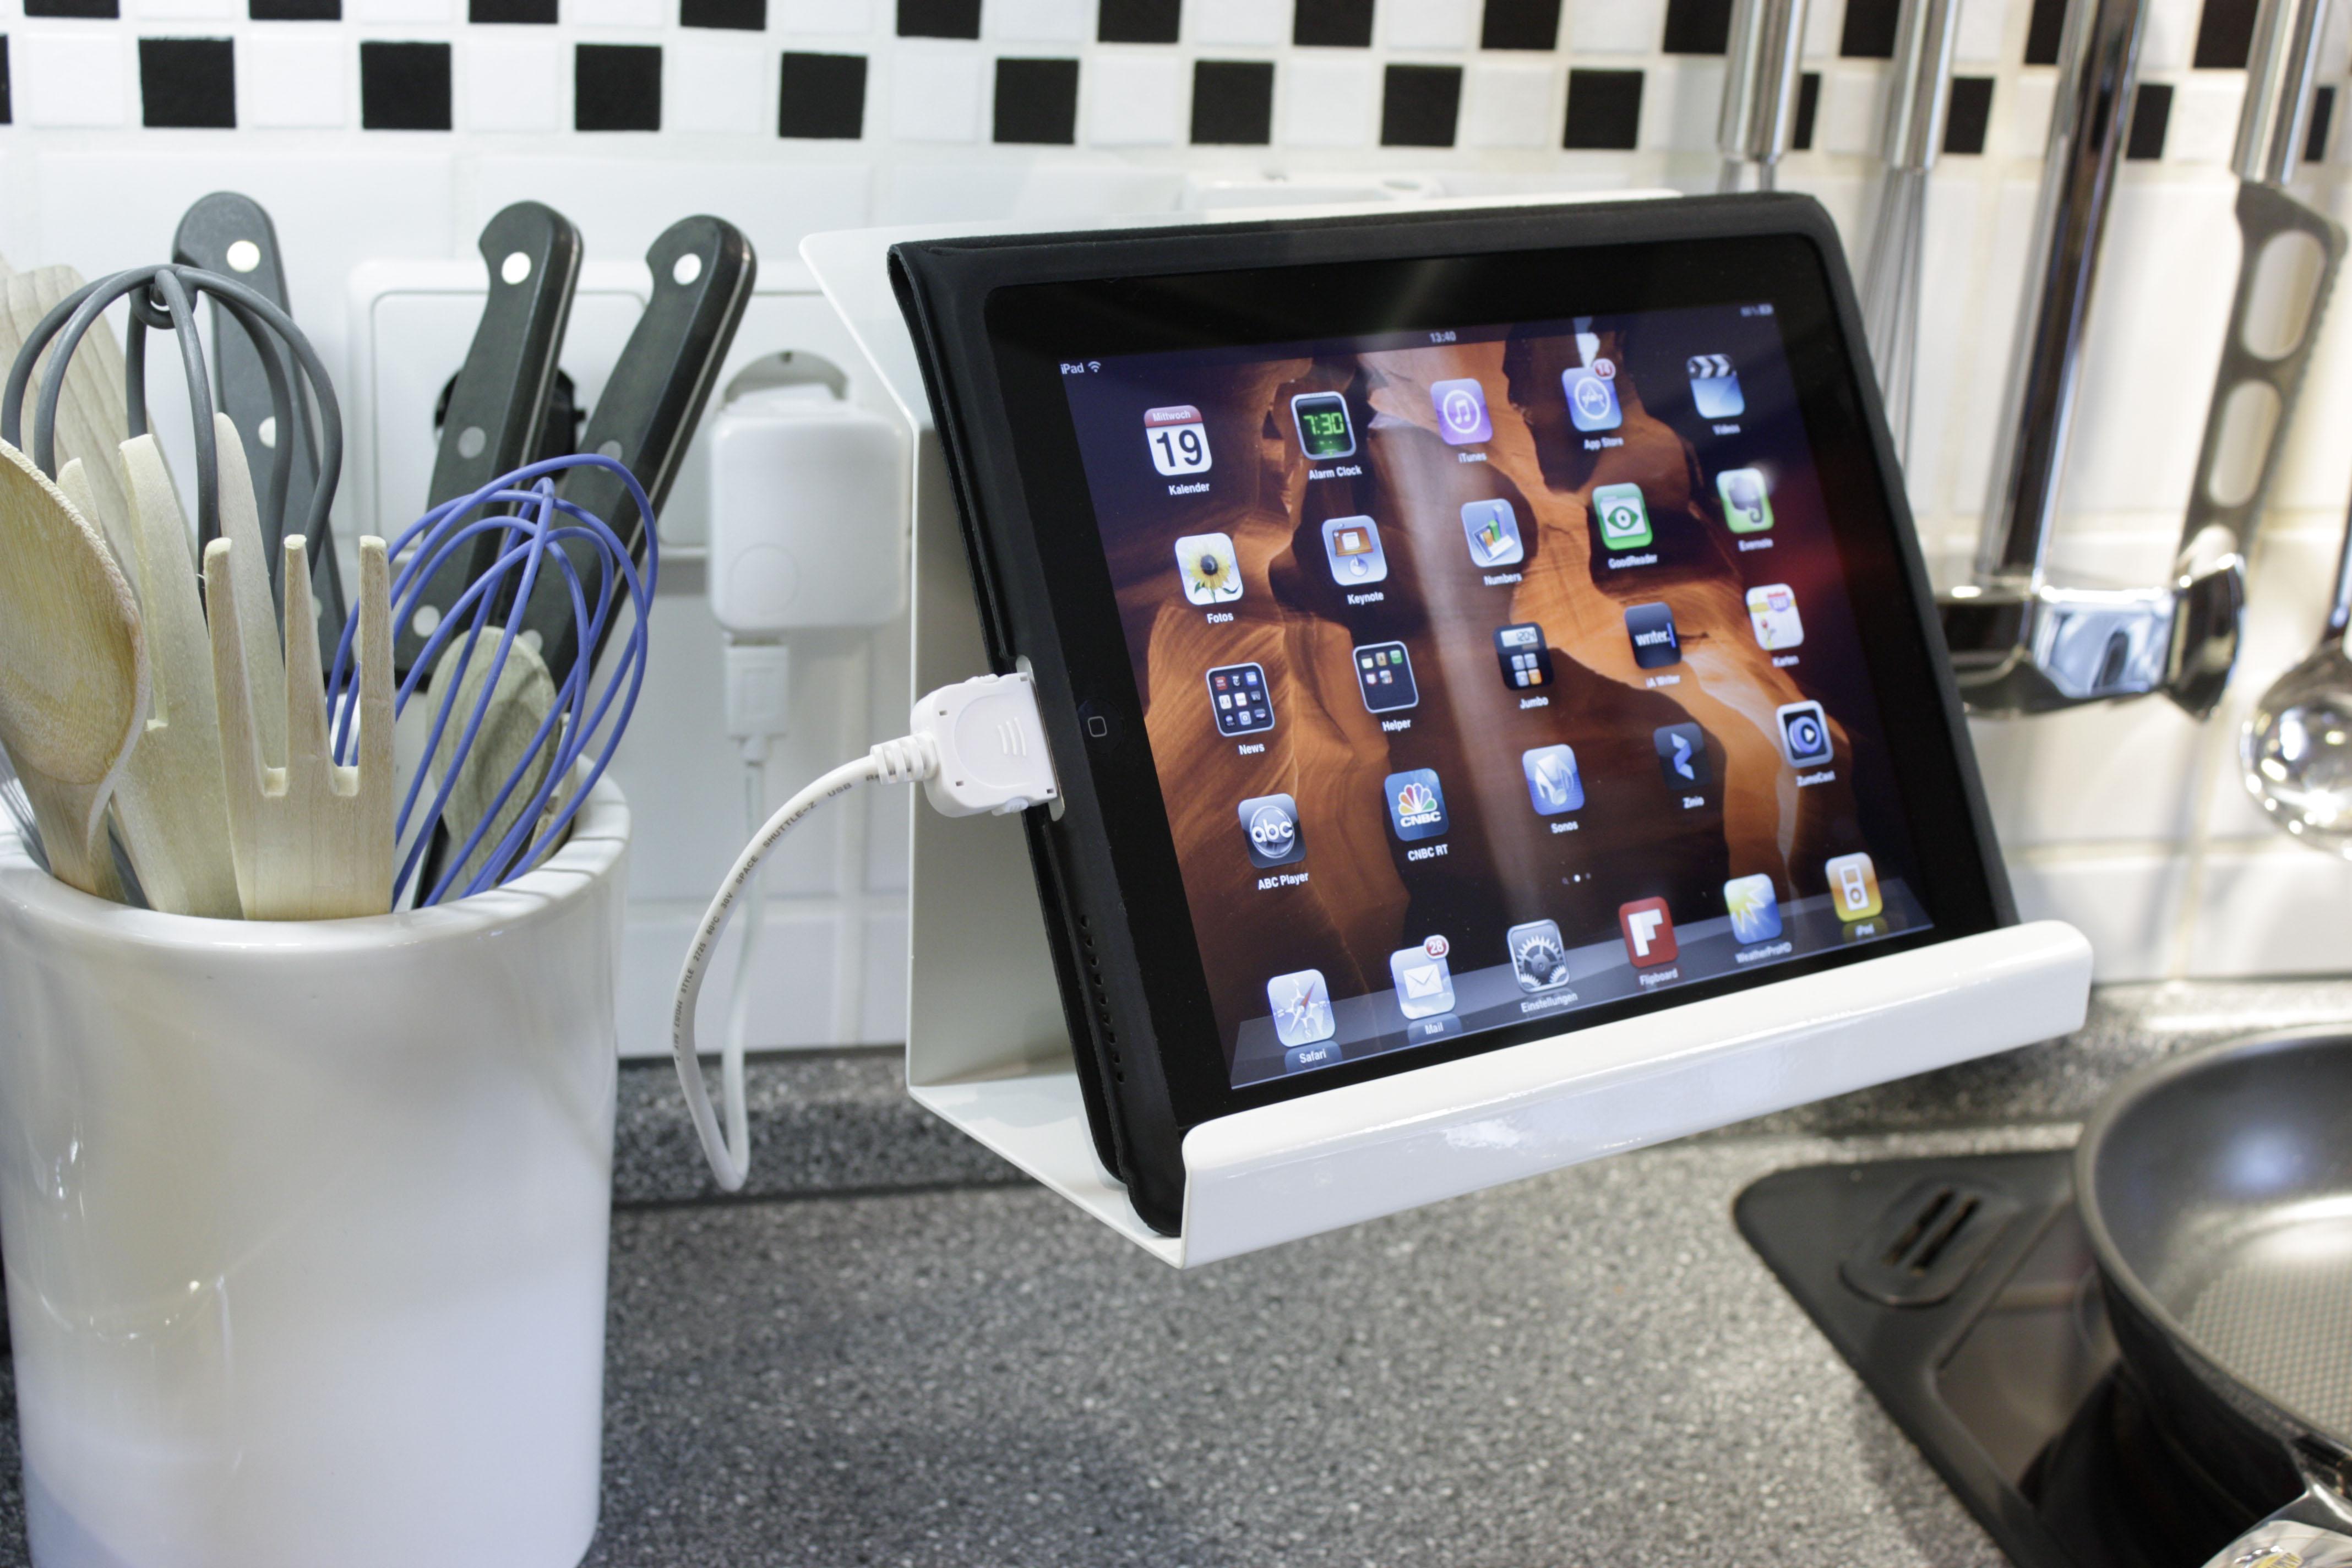 das g bl reef ist der lieblingsplatz der tablets. Black Bedroom Furniture Sets. Home Design Ideas